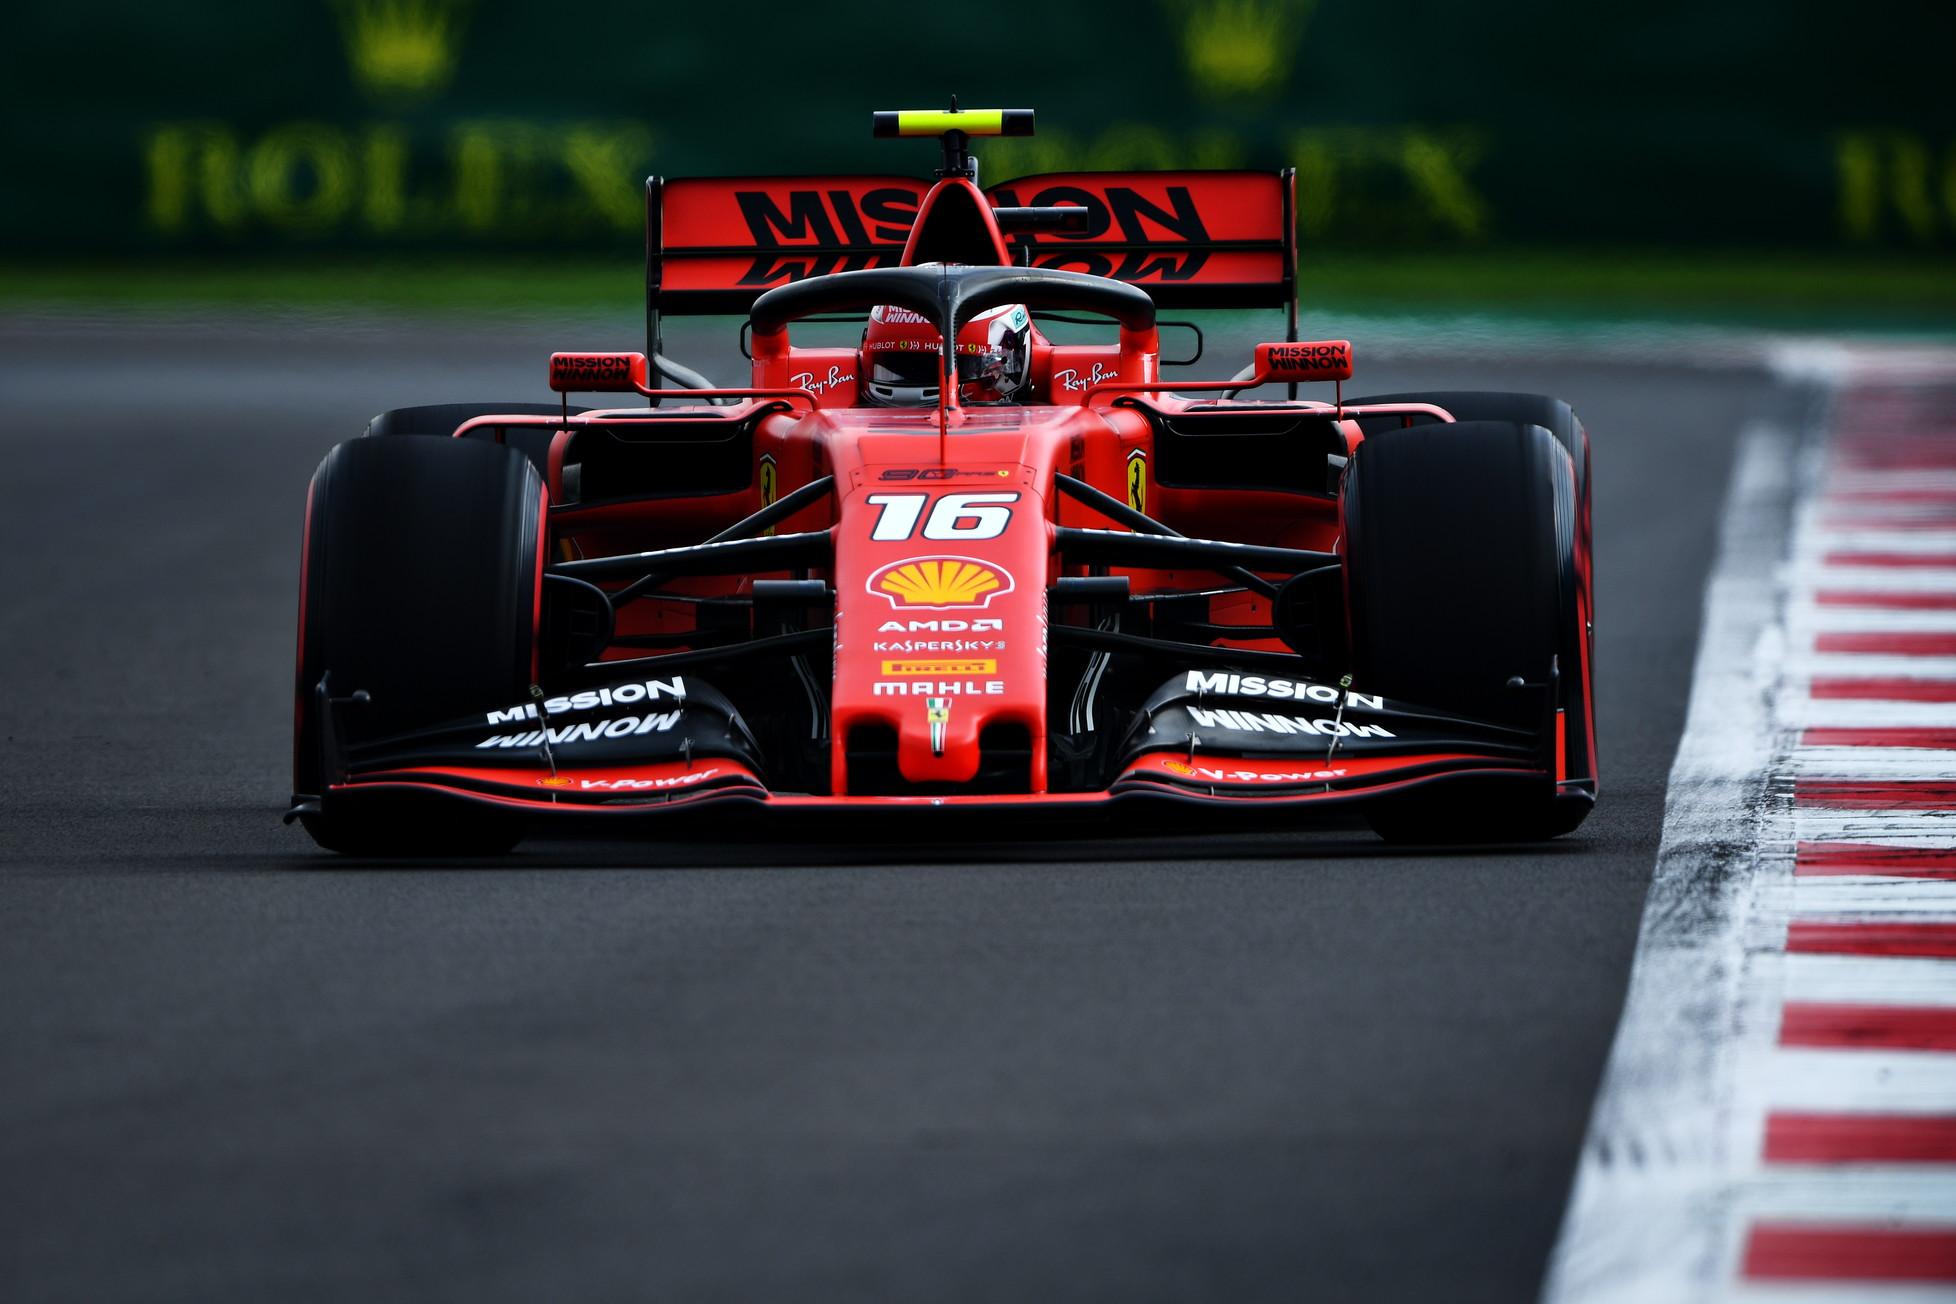 L'olandese della Red Bull viene penalizzato dopo la pole, prima fila Ferrari